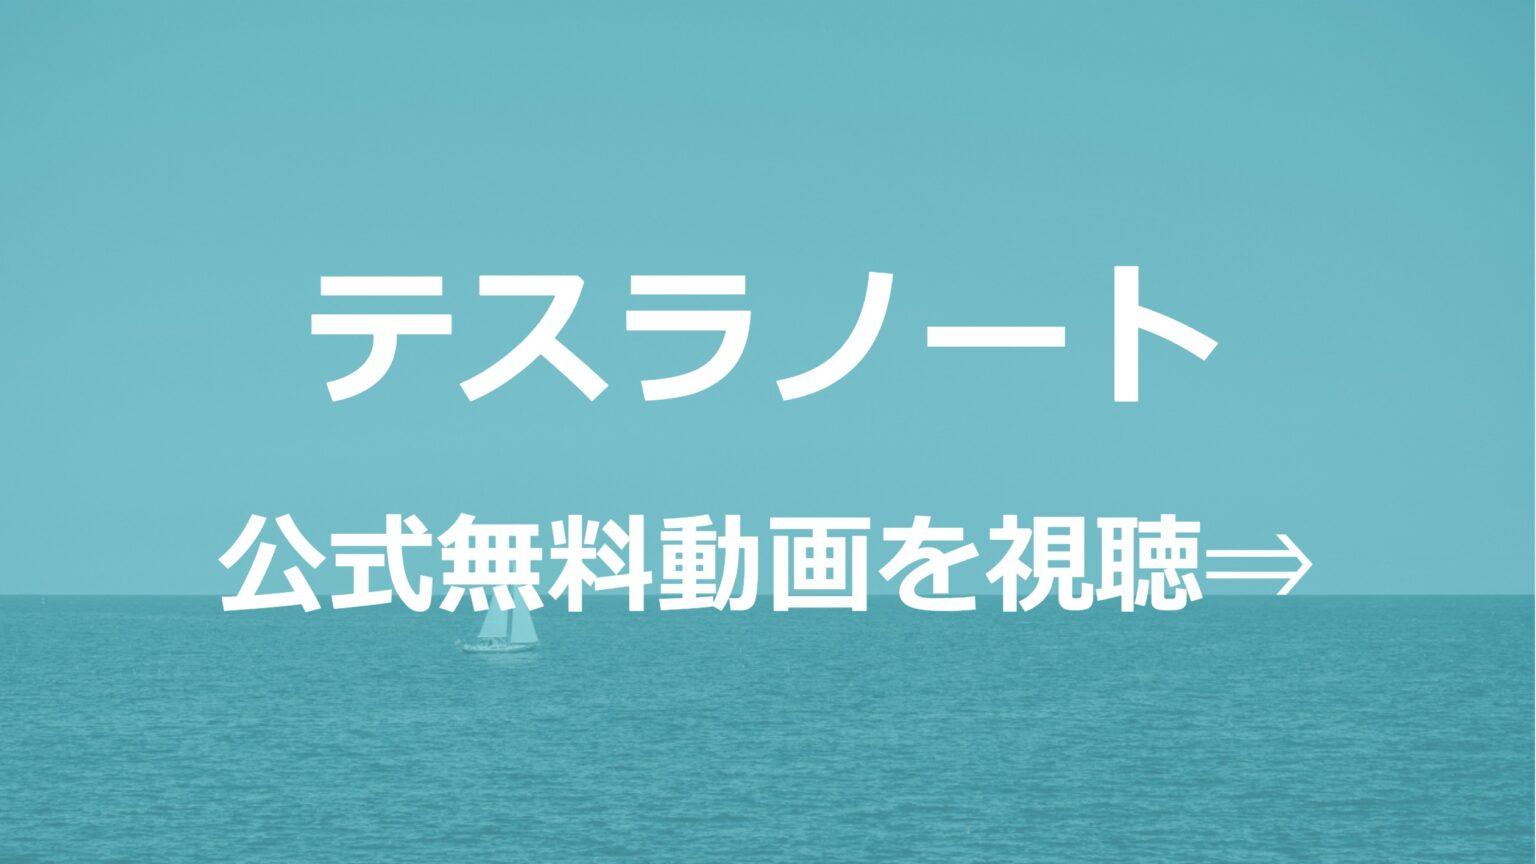 作画が気になる…アニメ「テスラノート」の無料フル動画を1話~全話視聴できる公式配信サイトまとめ!